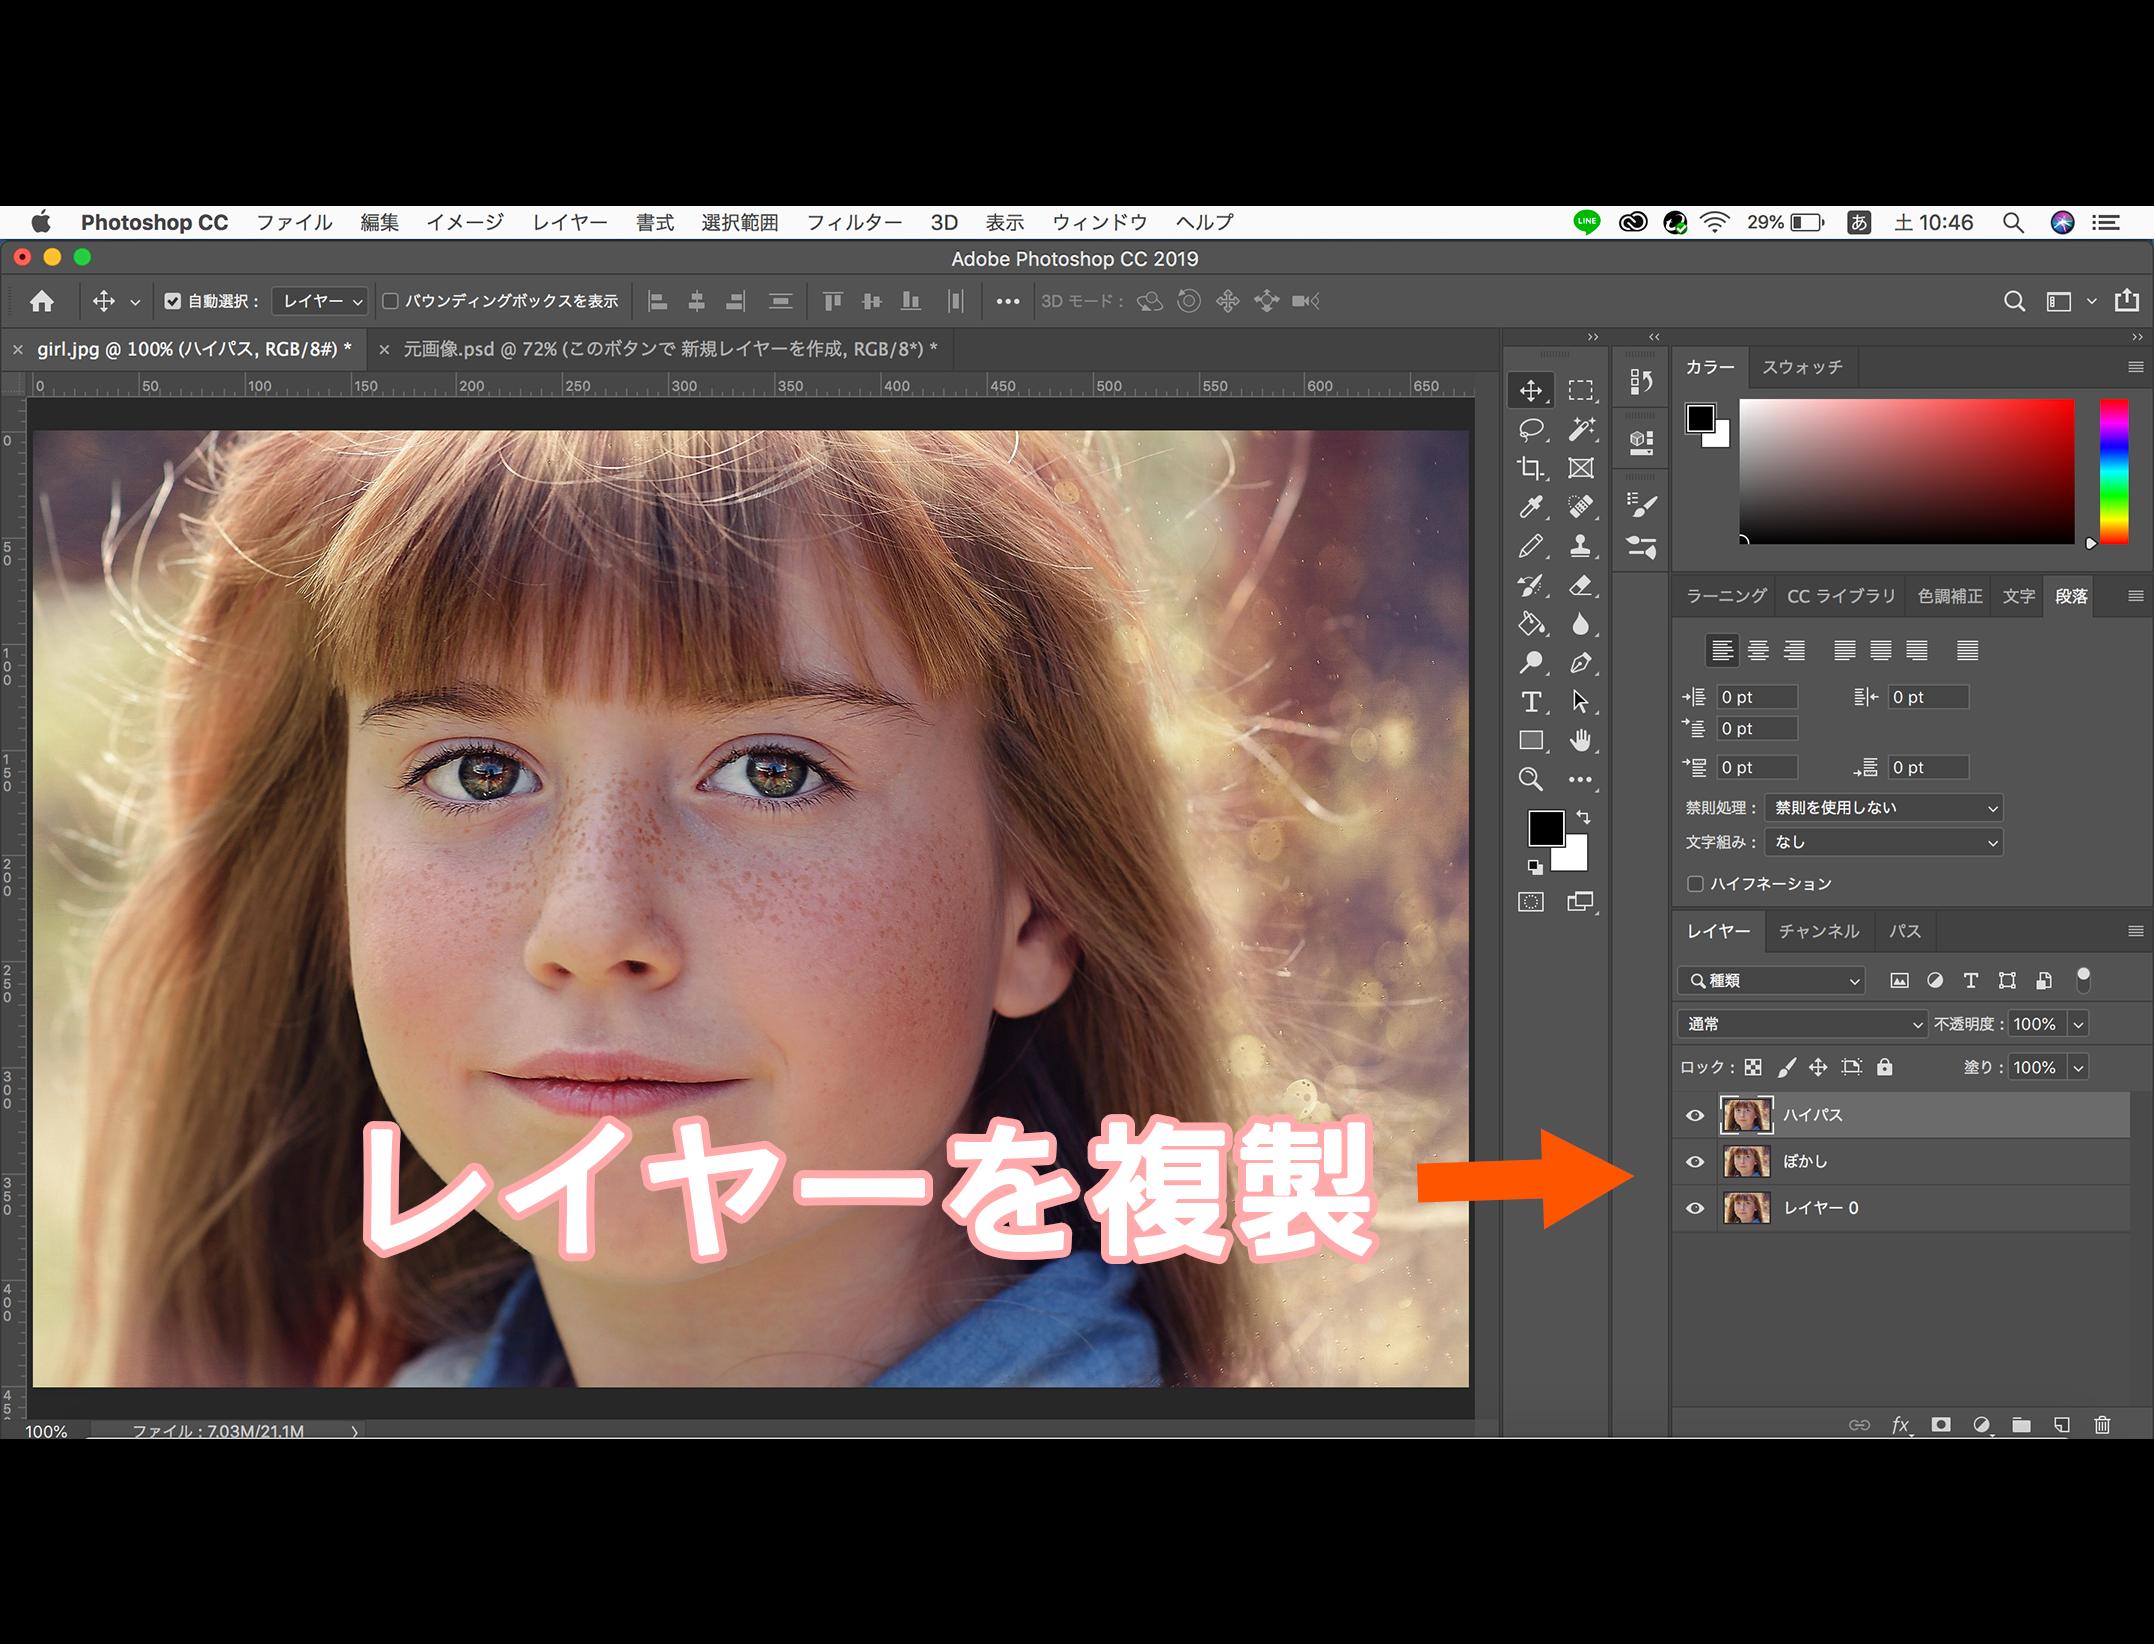 photoshopで人物の肌を綺麗に加工する画像の複製